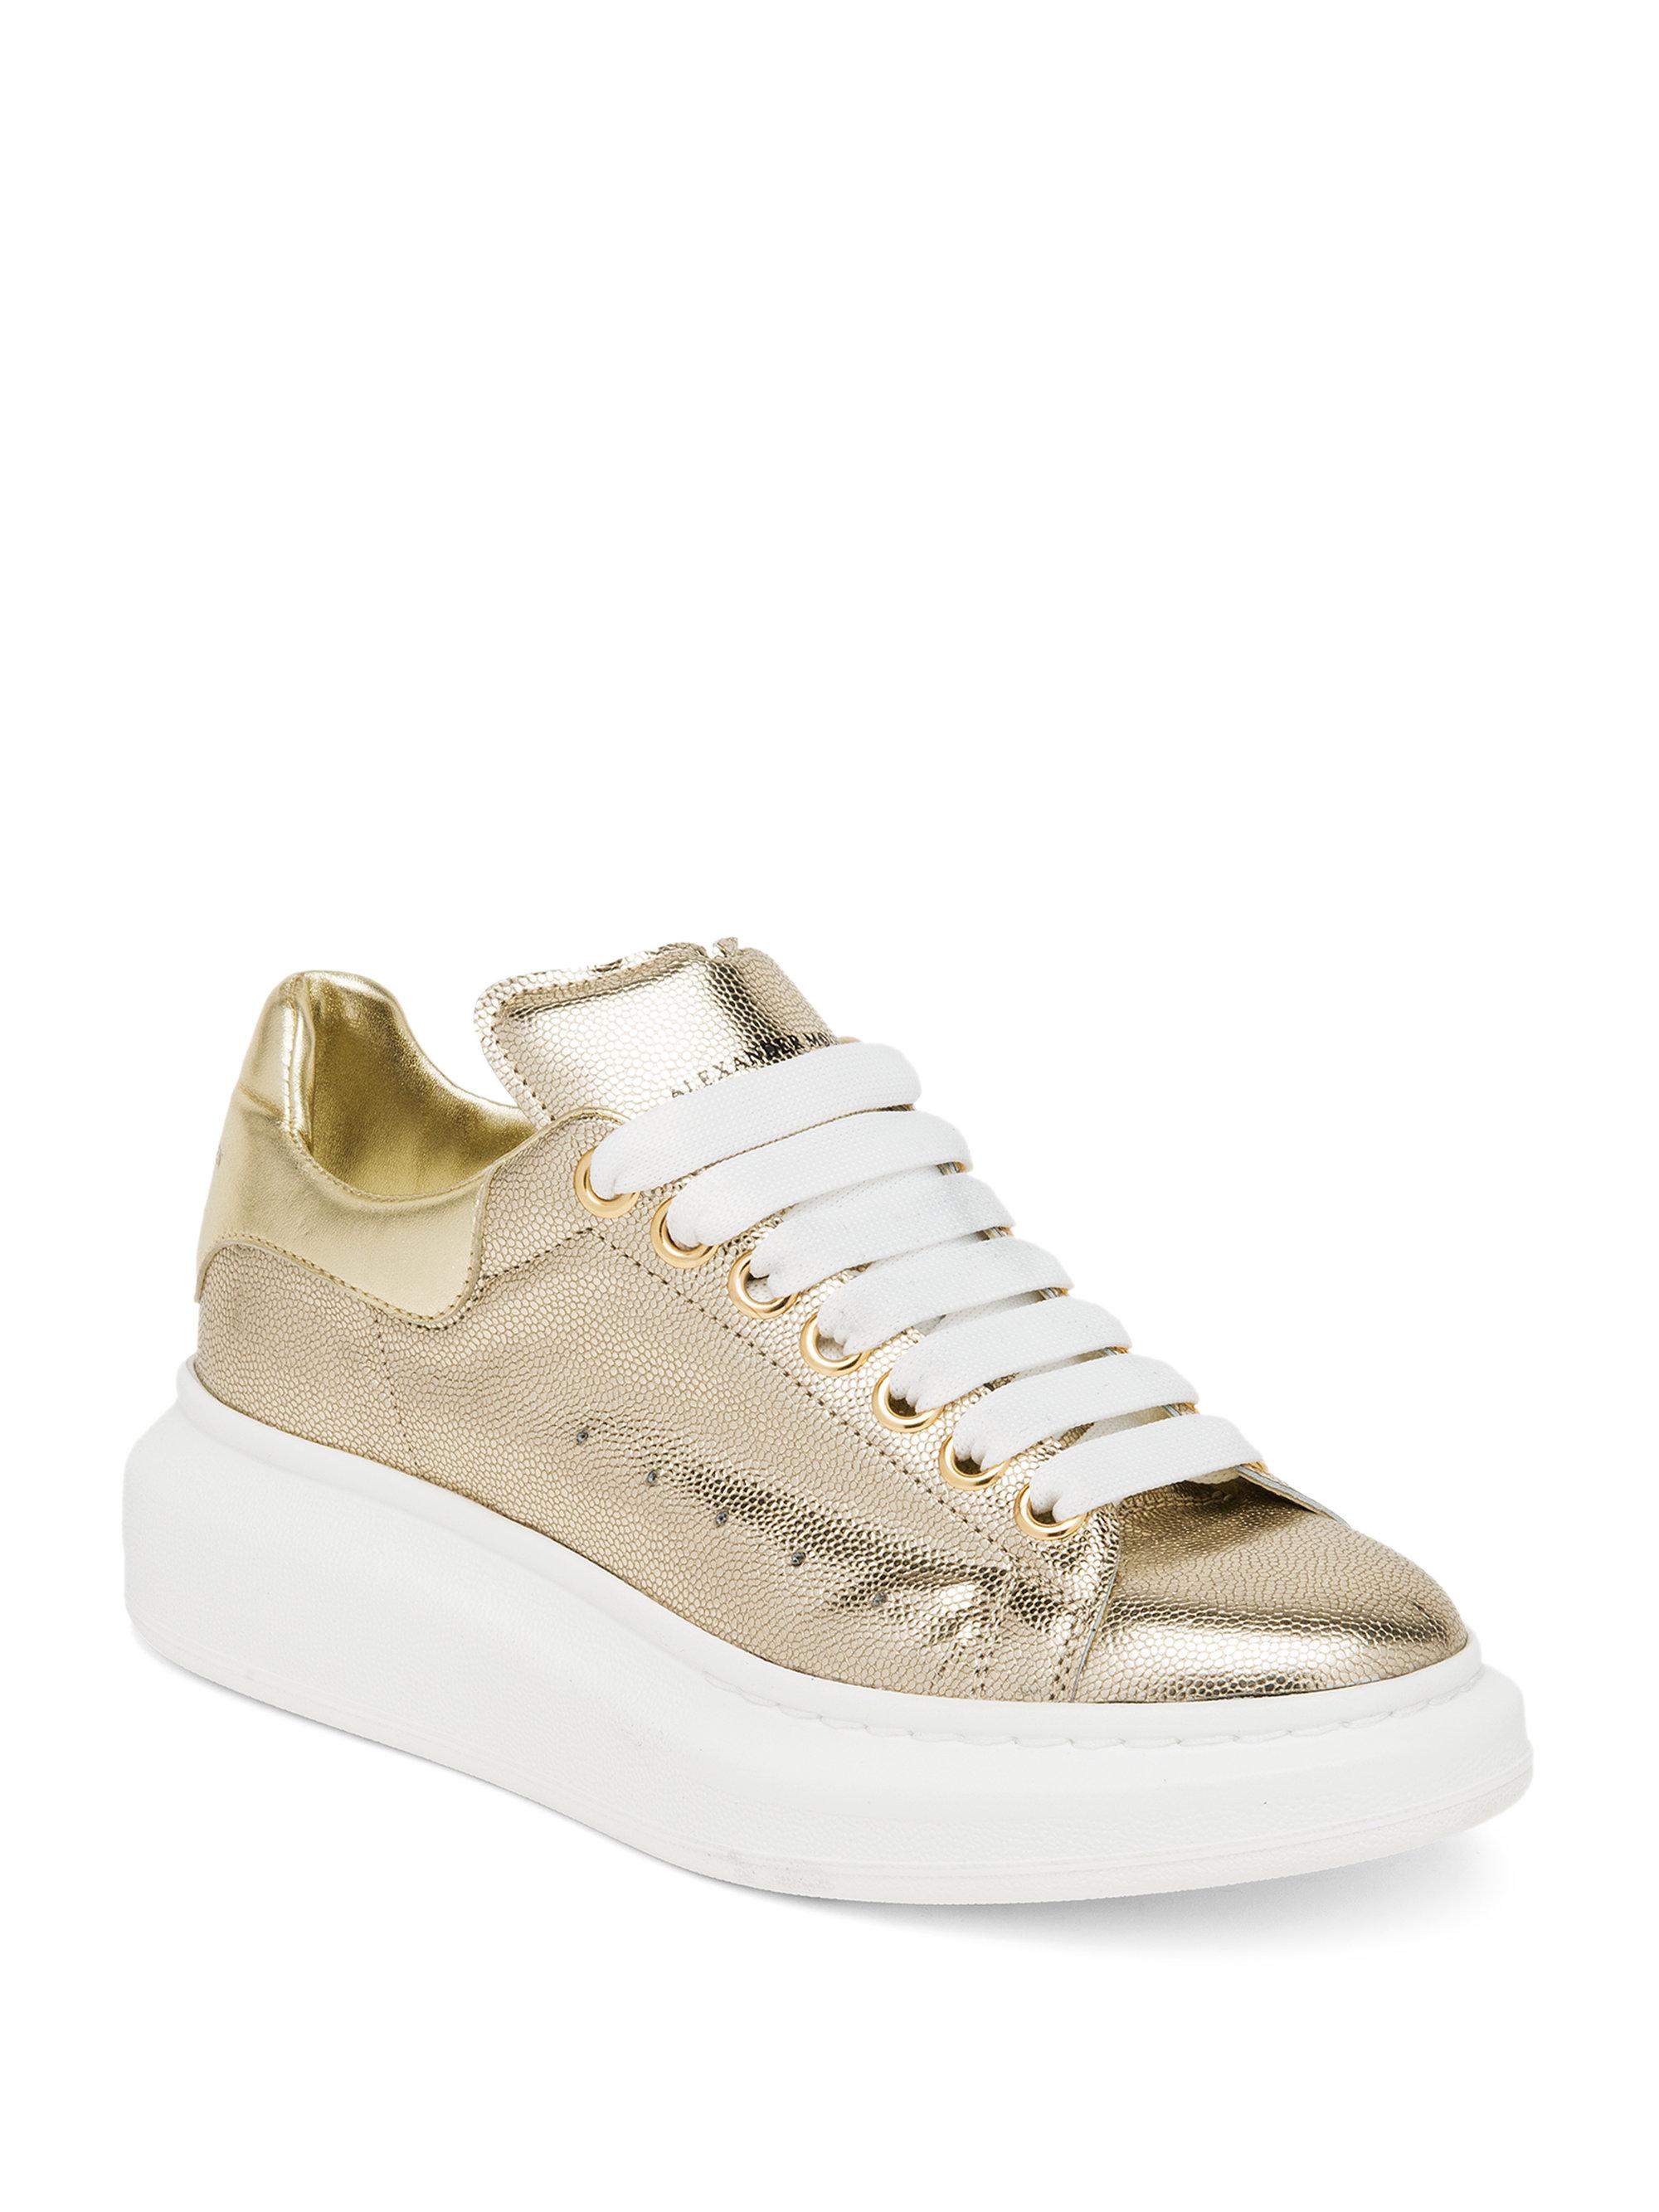 9f3617984 Alexander McQueen Embossed Metallic Leather Platform Sneakers in ...